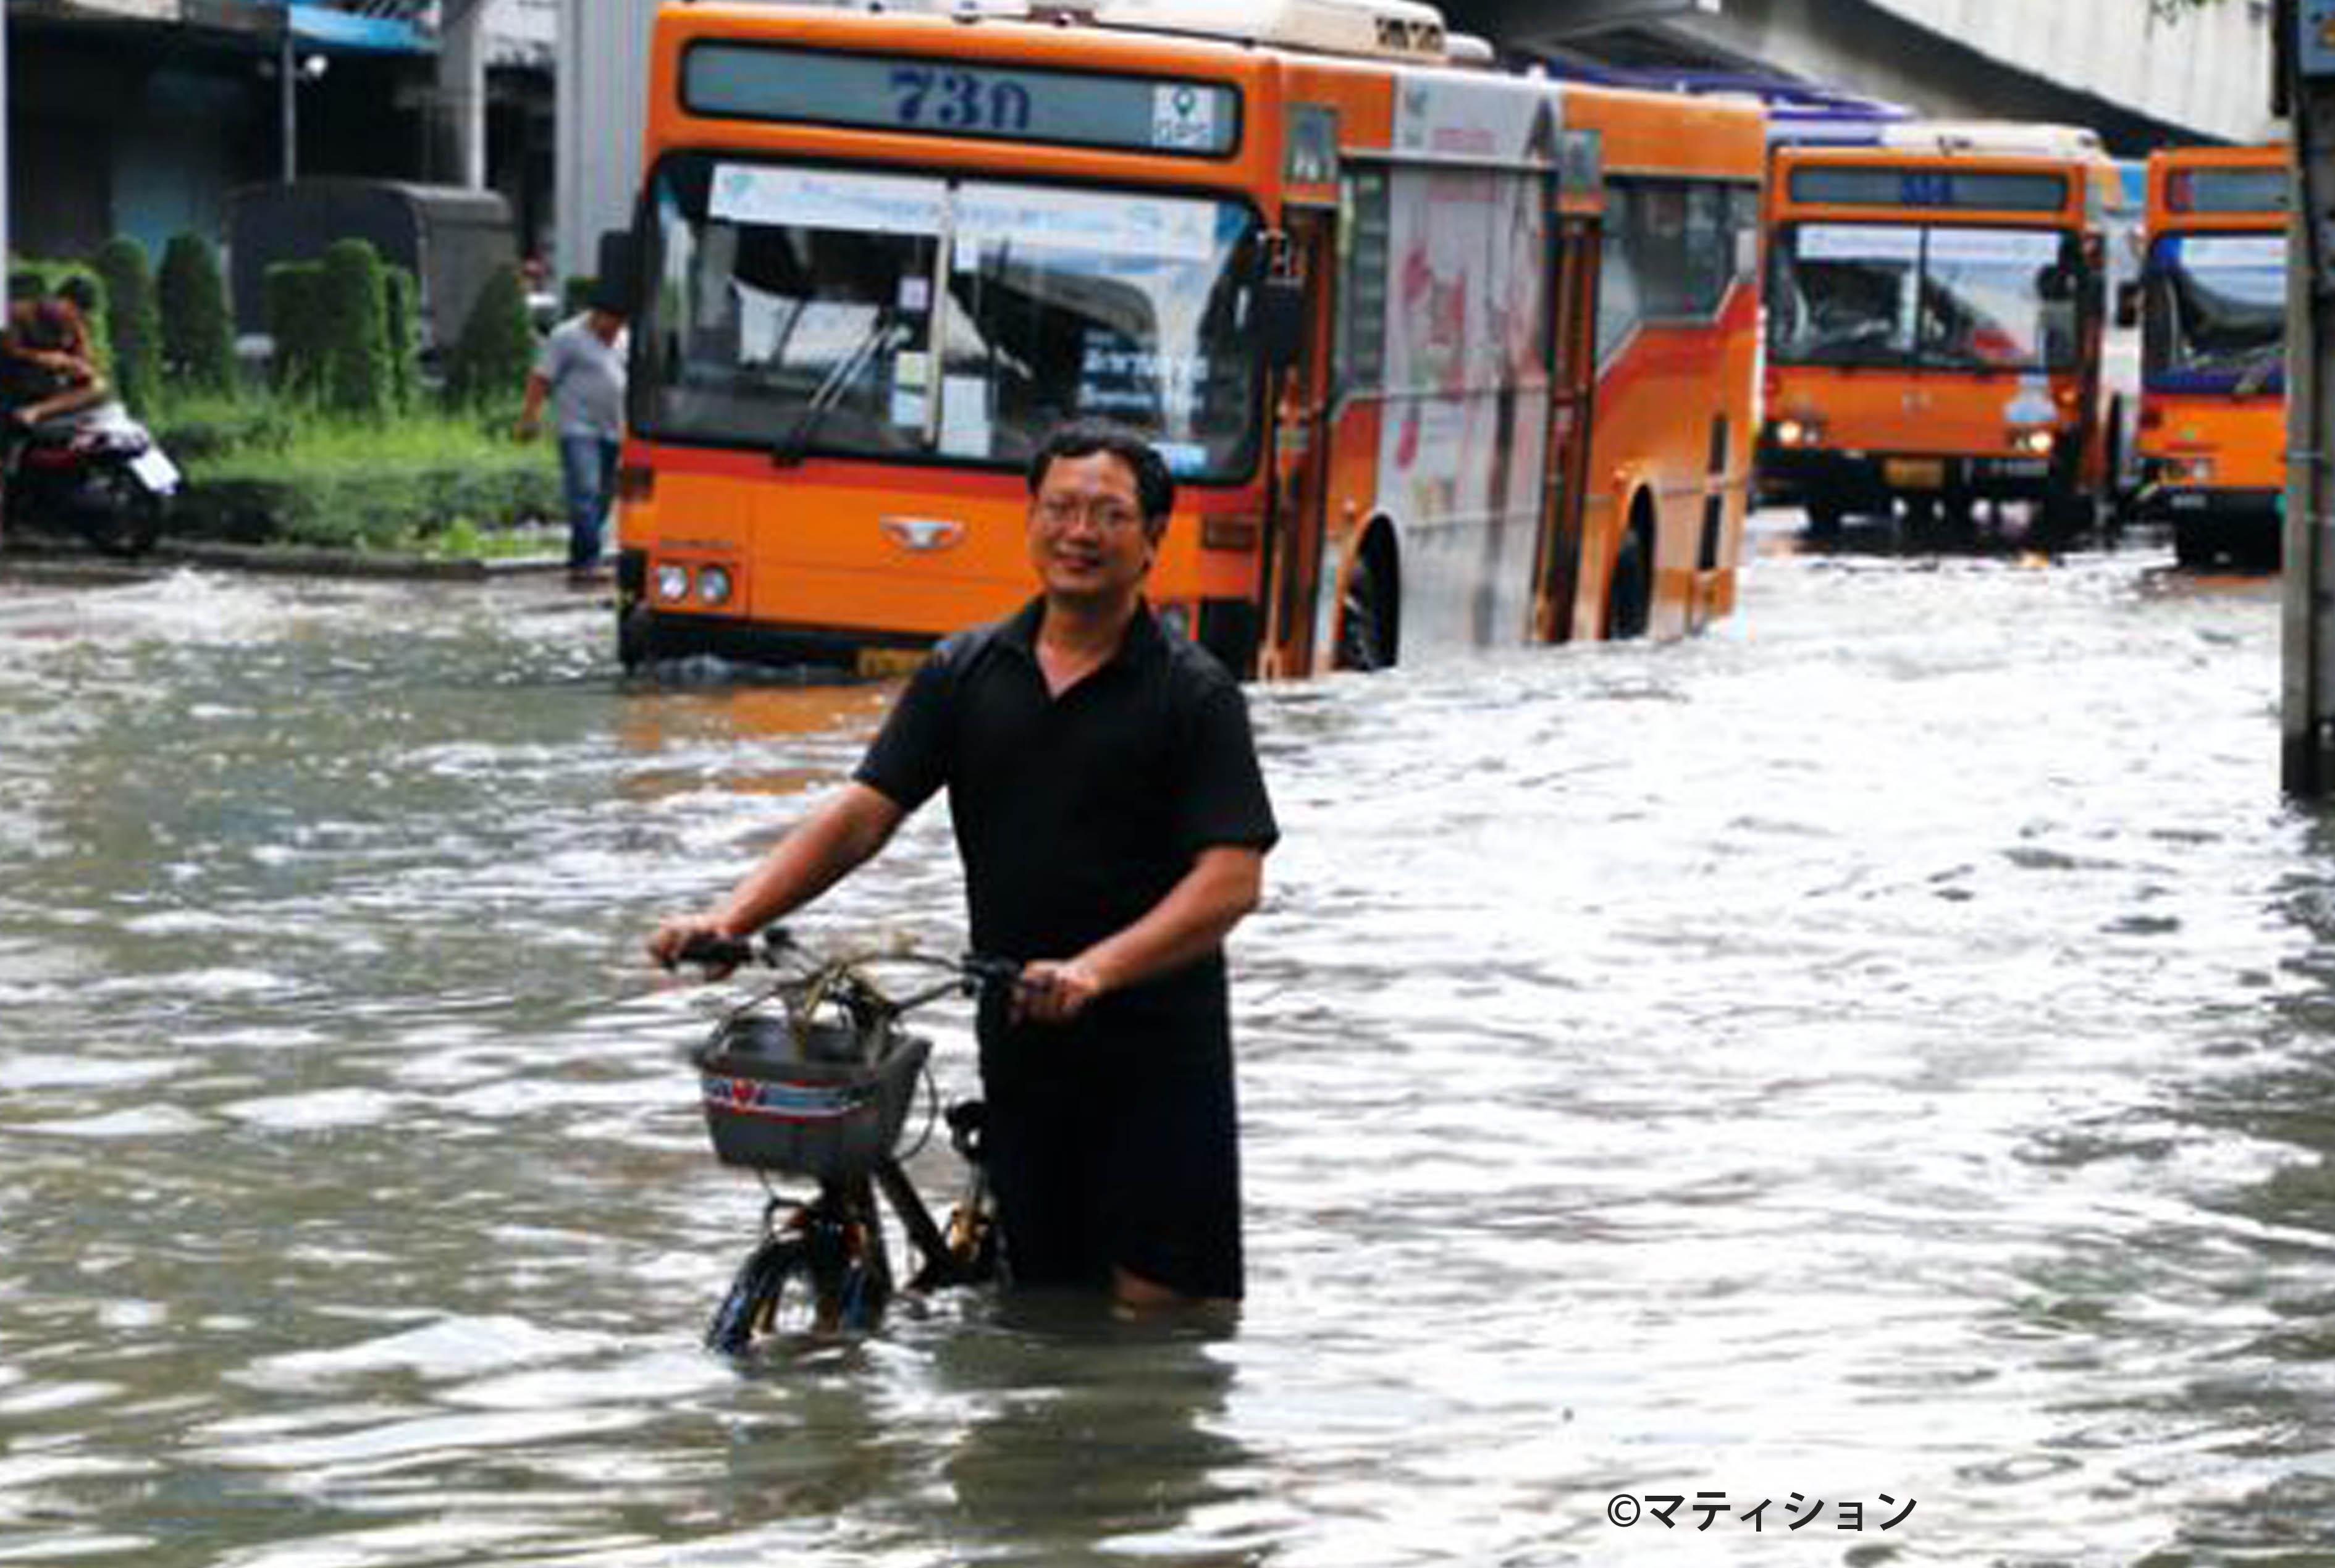 洪水から学ぶモラルとは - ワイズデジタル【タイで生活する人のための情報サイト】